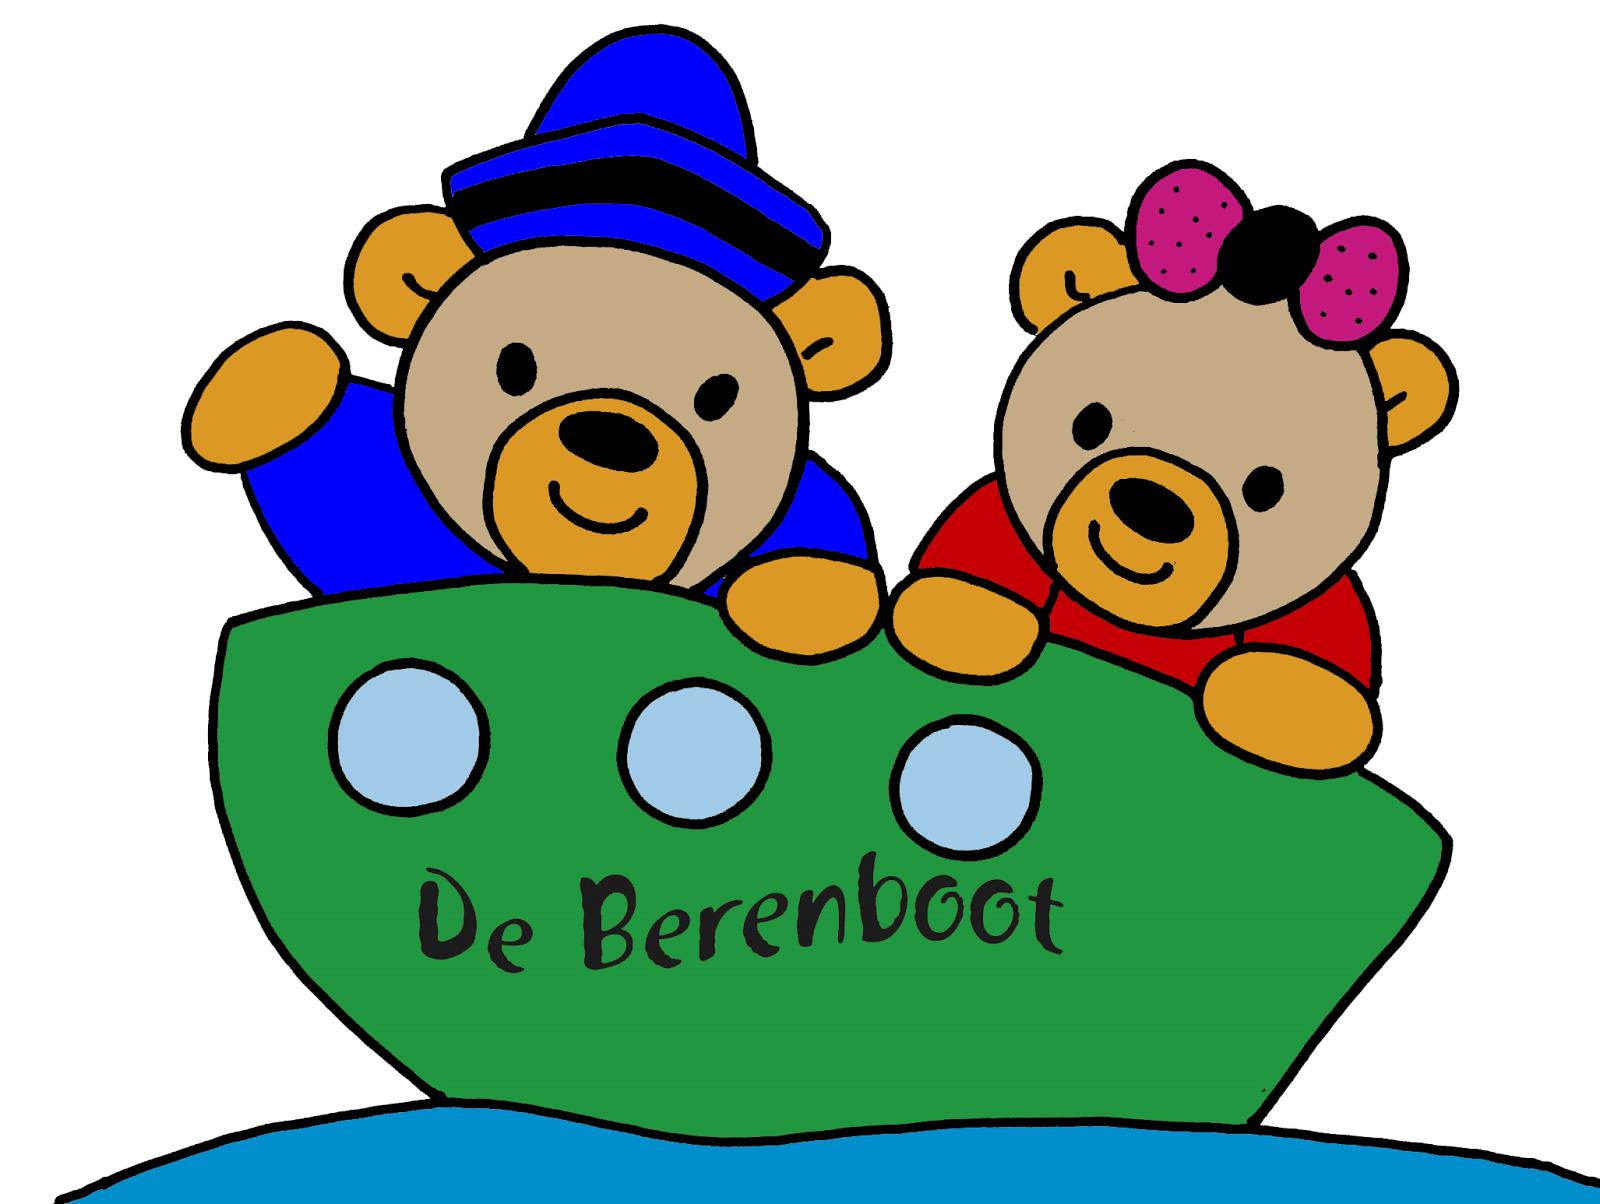 De Berenboot